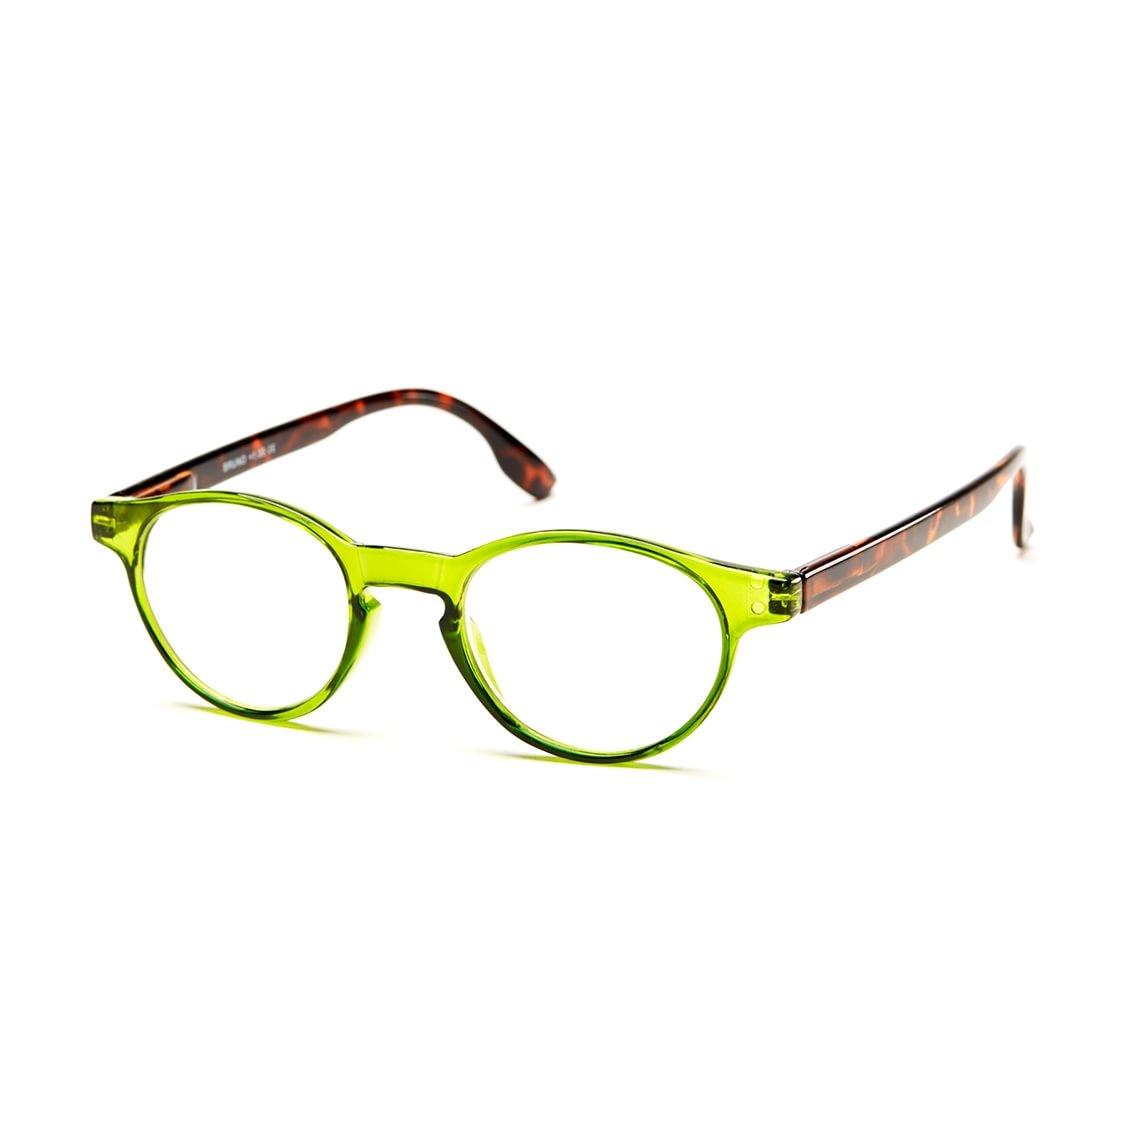 7e0da602f852 Thorberg BRUNO green turtle brown - Synsam